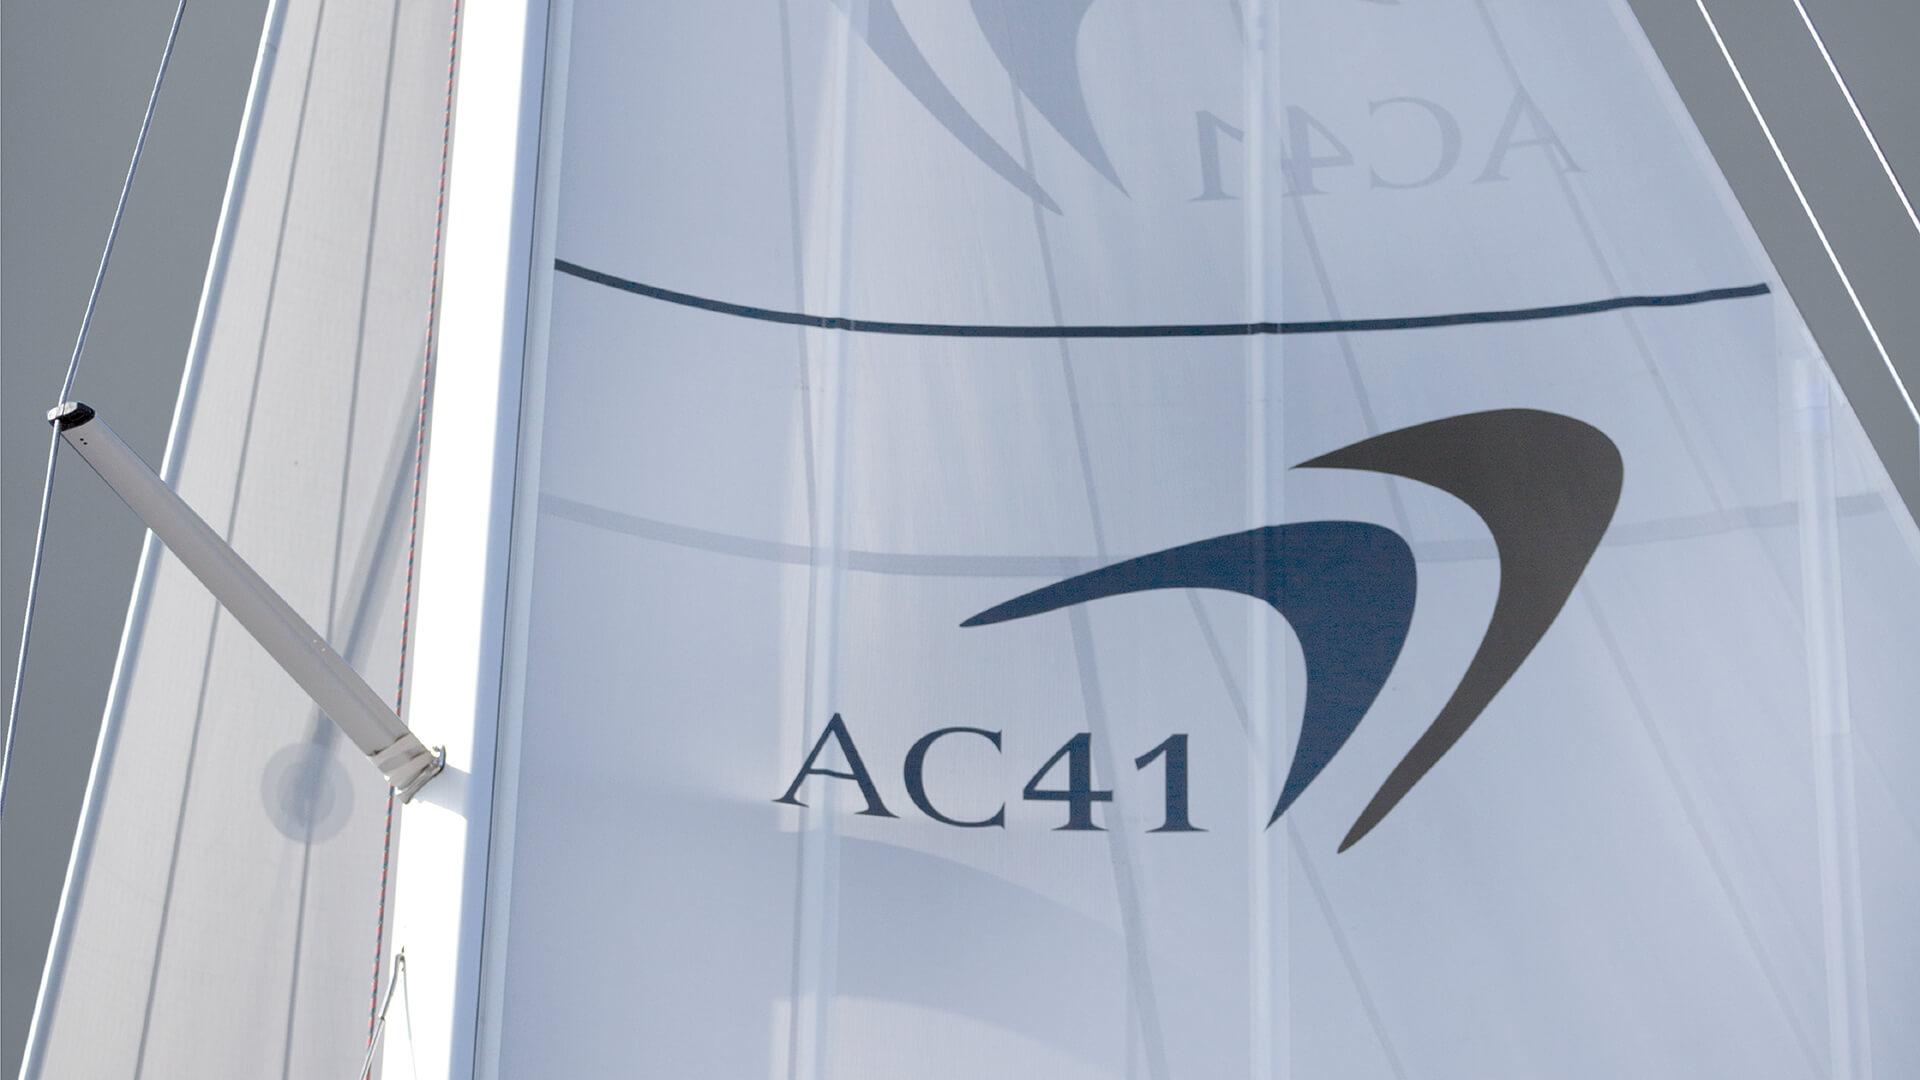 Moody_AC41_Packages.jpg